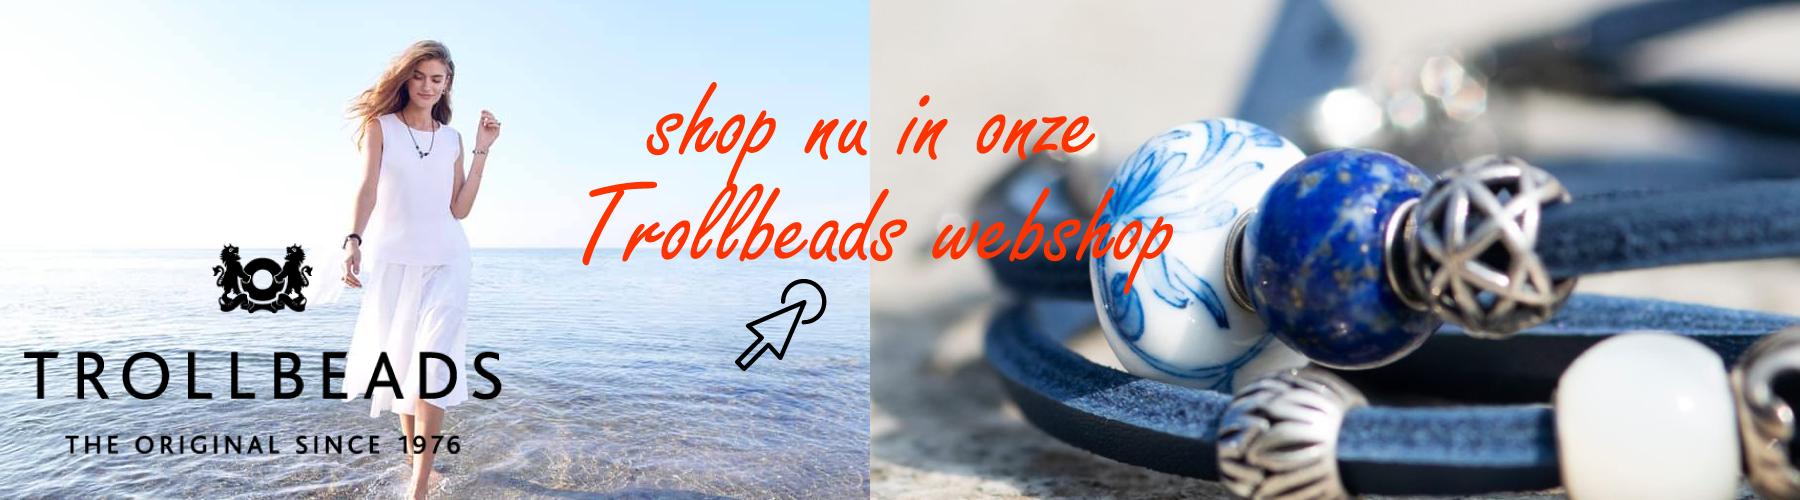 Trollbeads-shop-nu-ook-in-onze-webshop-bij-wolters-juweliers-coevorden-emmen